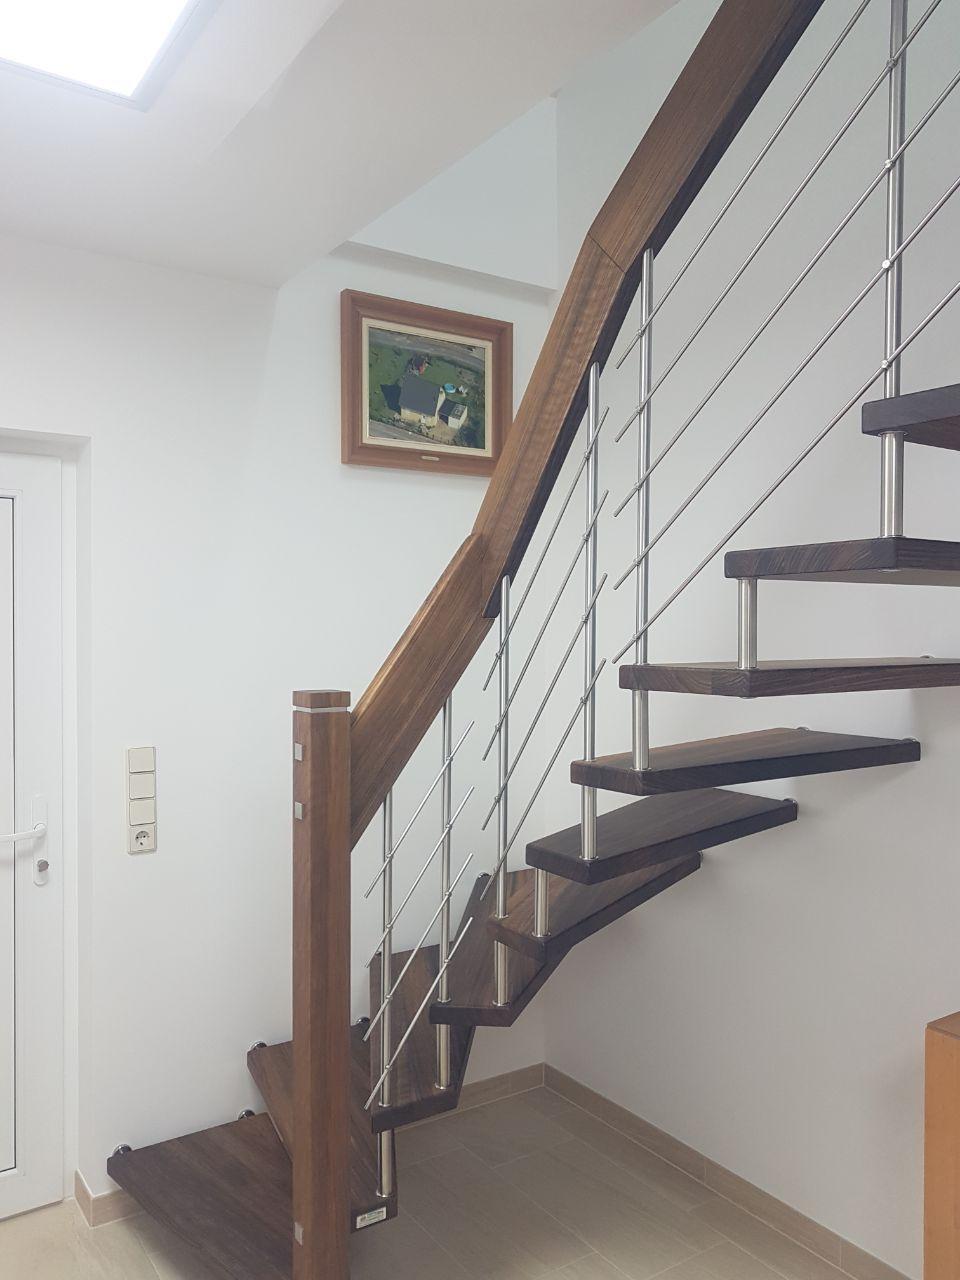 Wunderschöne Offene Treppenanlage Aus Amazakoe Mit Edelstahl